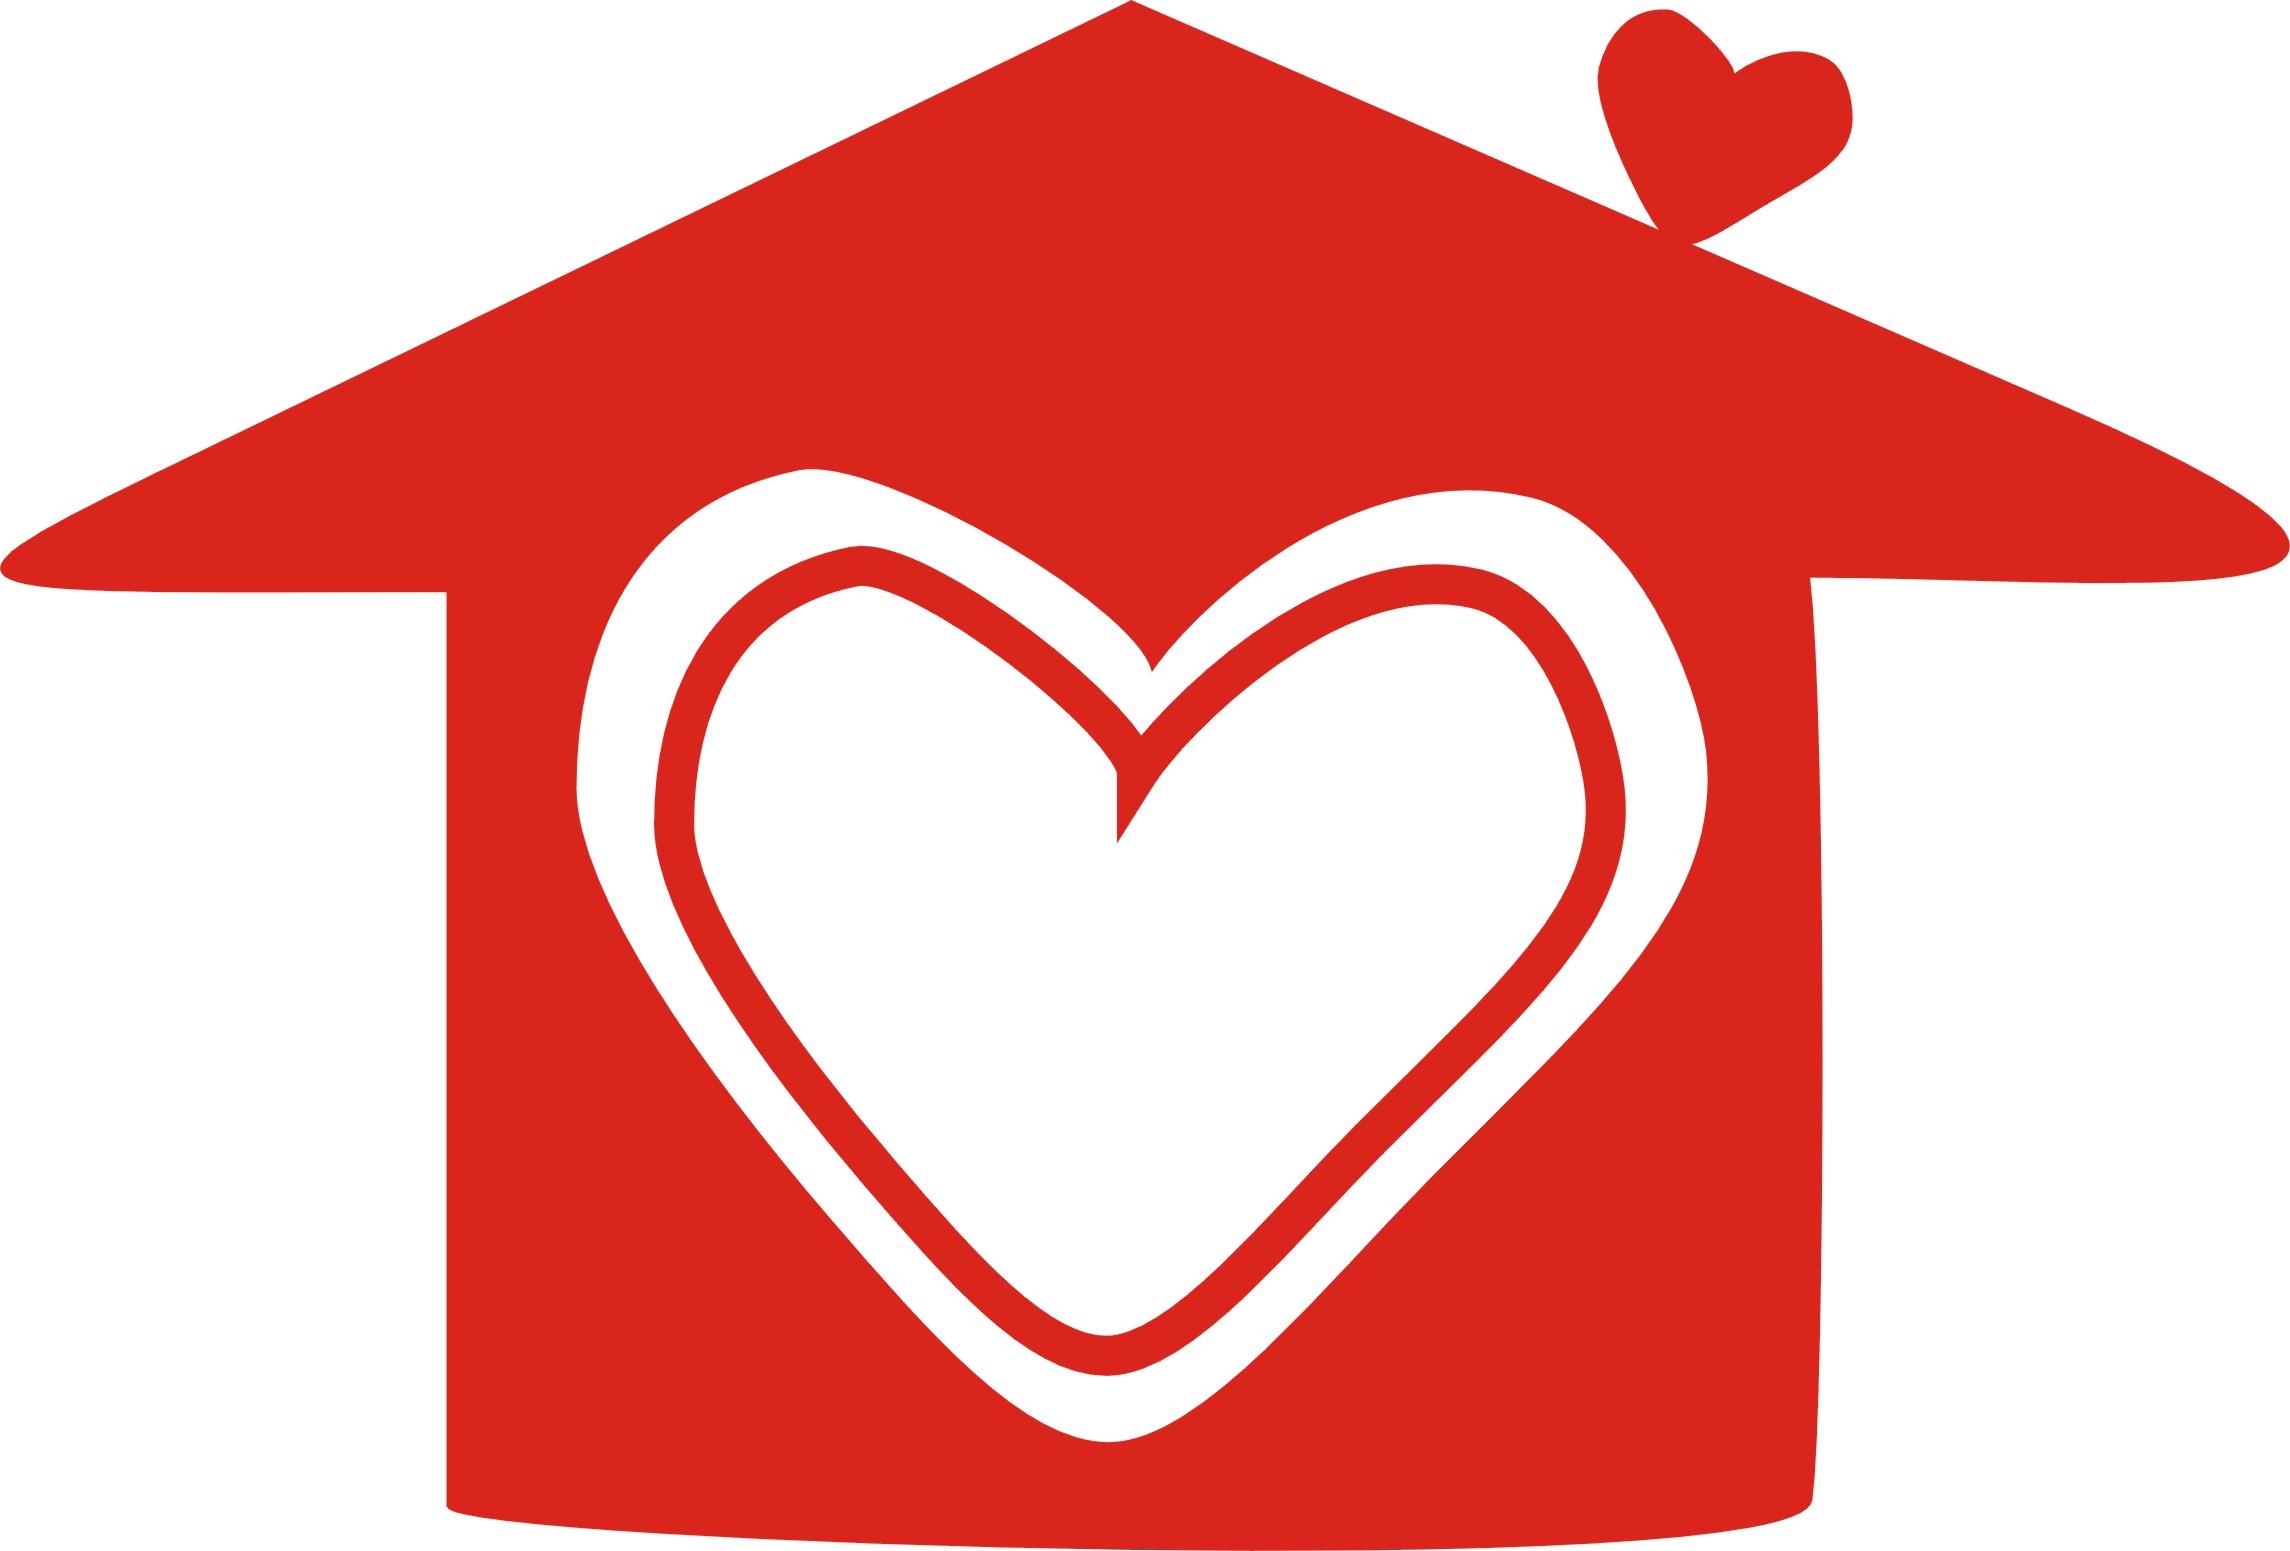 以愛為本,愛加倍愛家協會成立的出發點就是 愛與